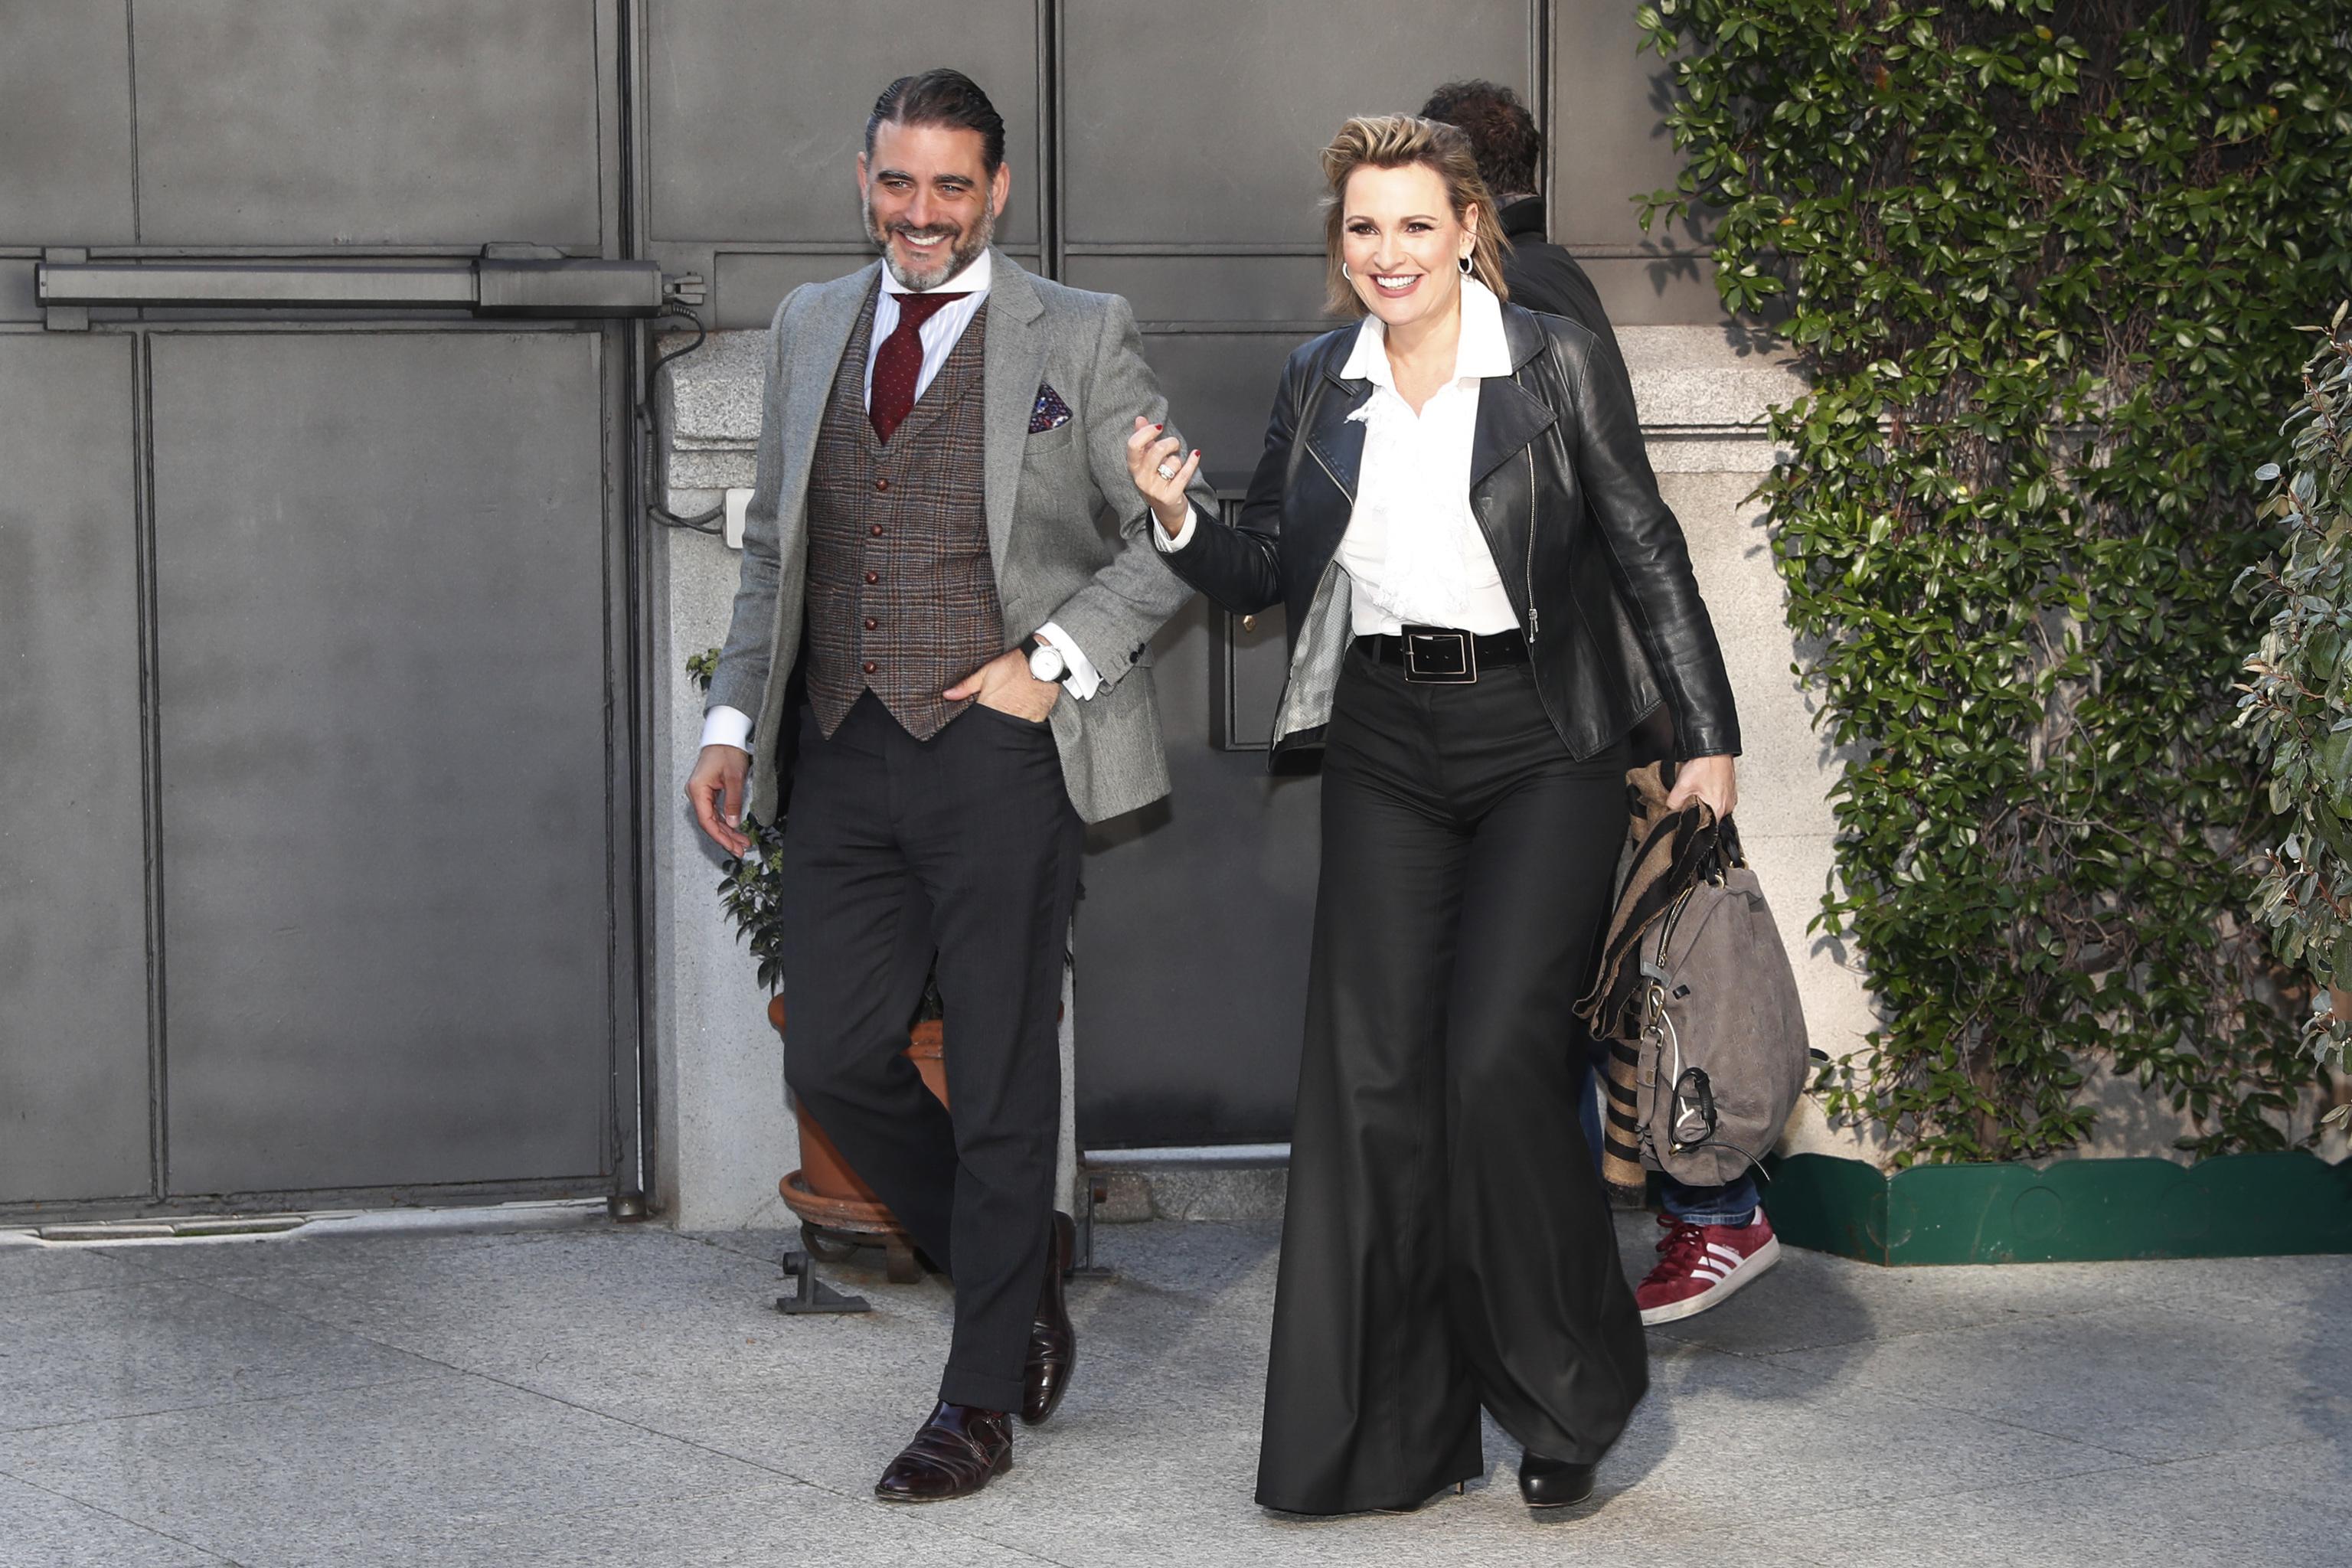 MatÍas Urrea y Ainhoa Arteta en un acto en Madrid.